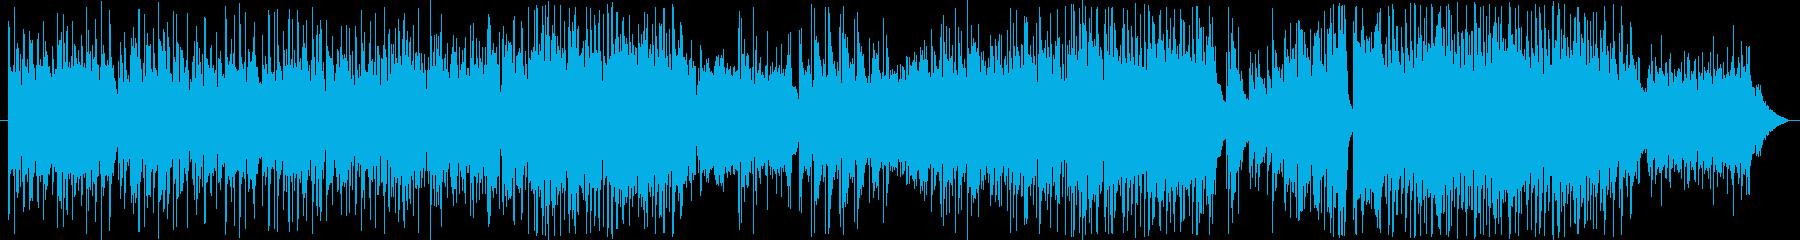 拍子が変化していく、シリアスな曲の再生済みの波形